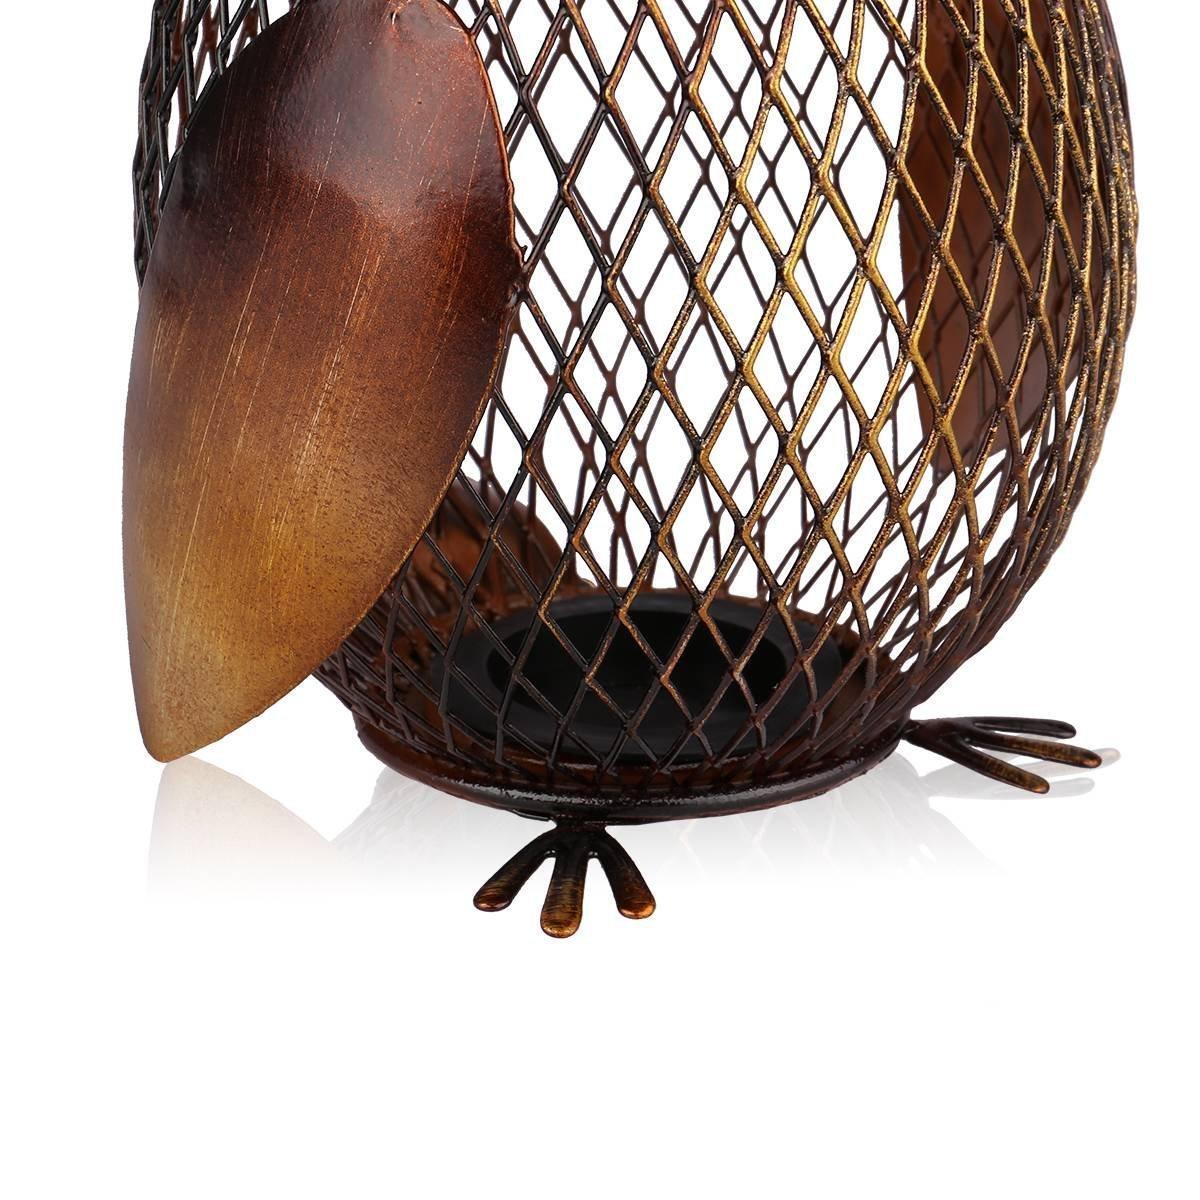 confection artisanale SGerste Tooarts Tirelire en m/étal faite main en forme de hibou